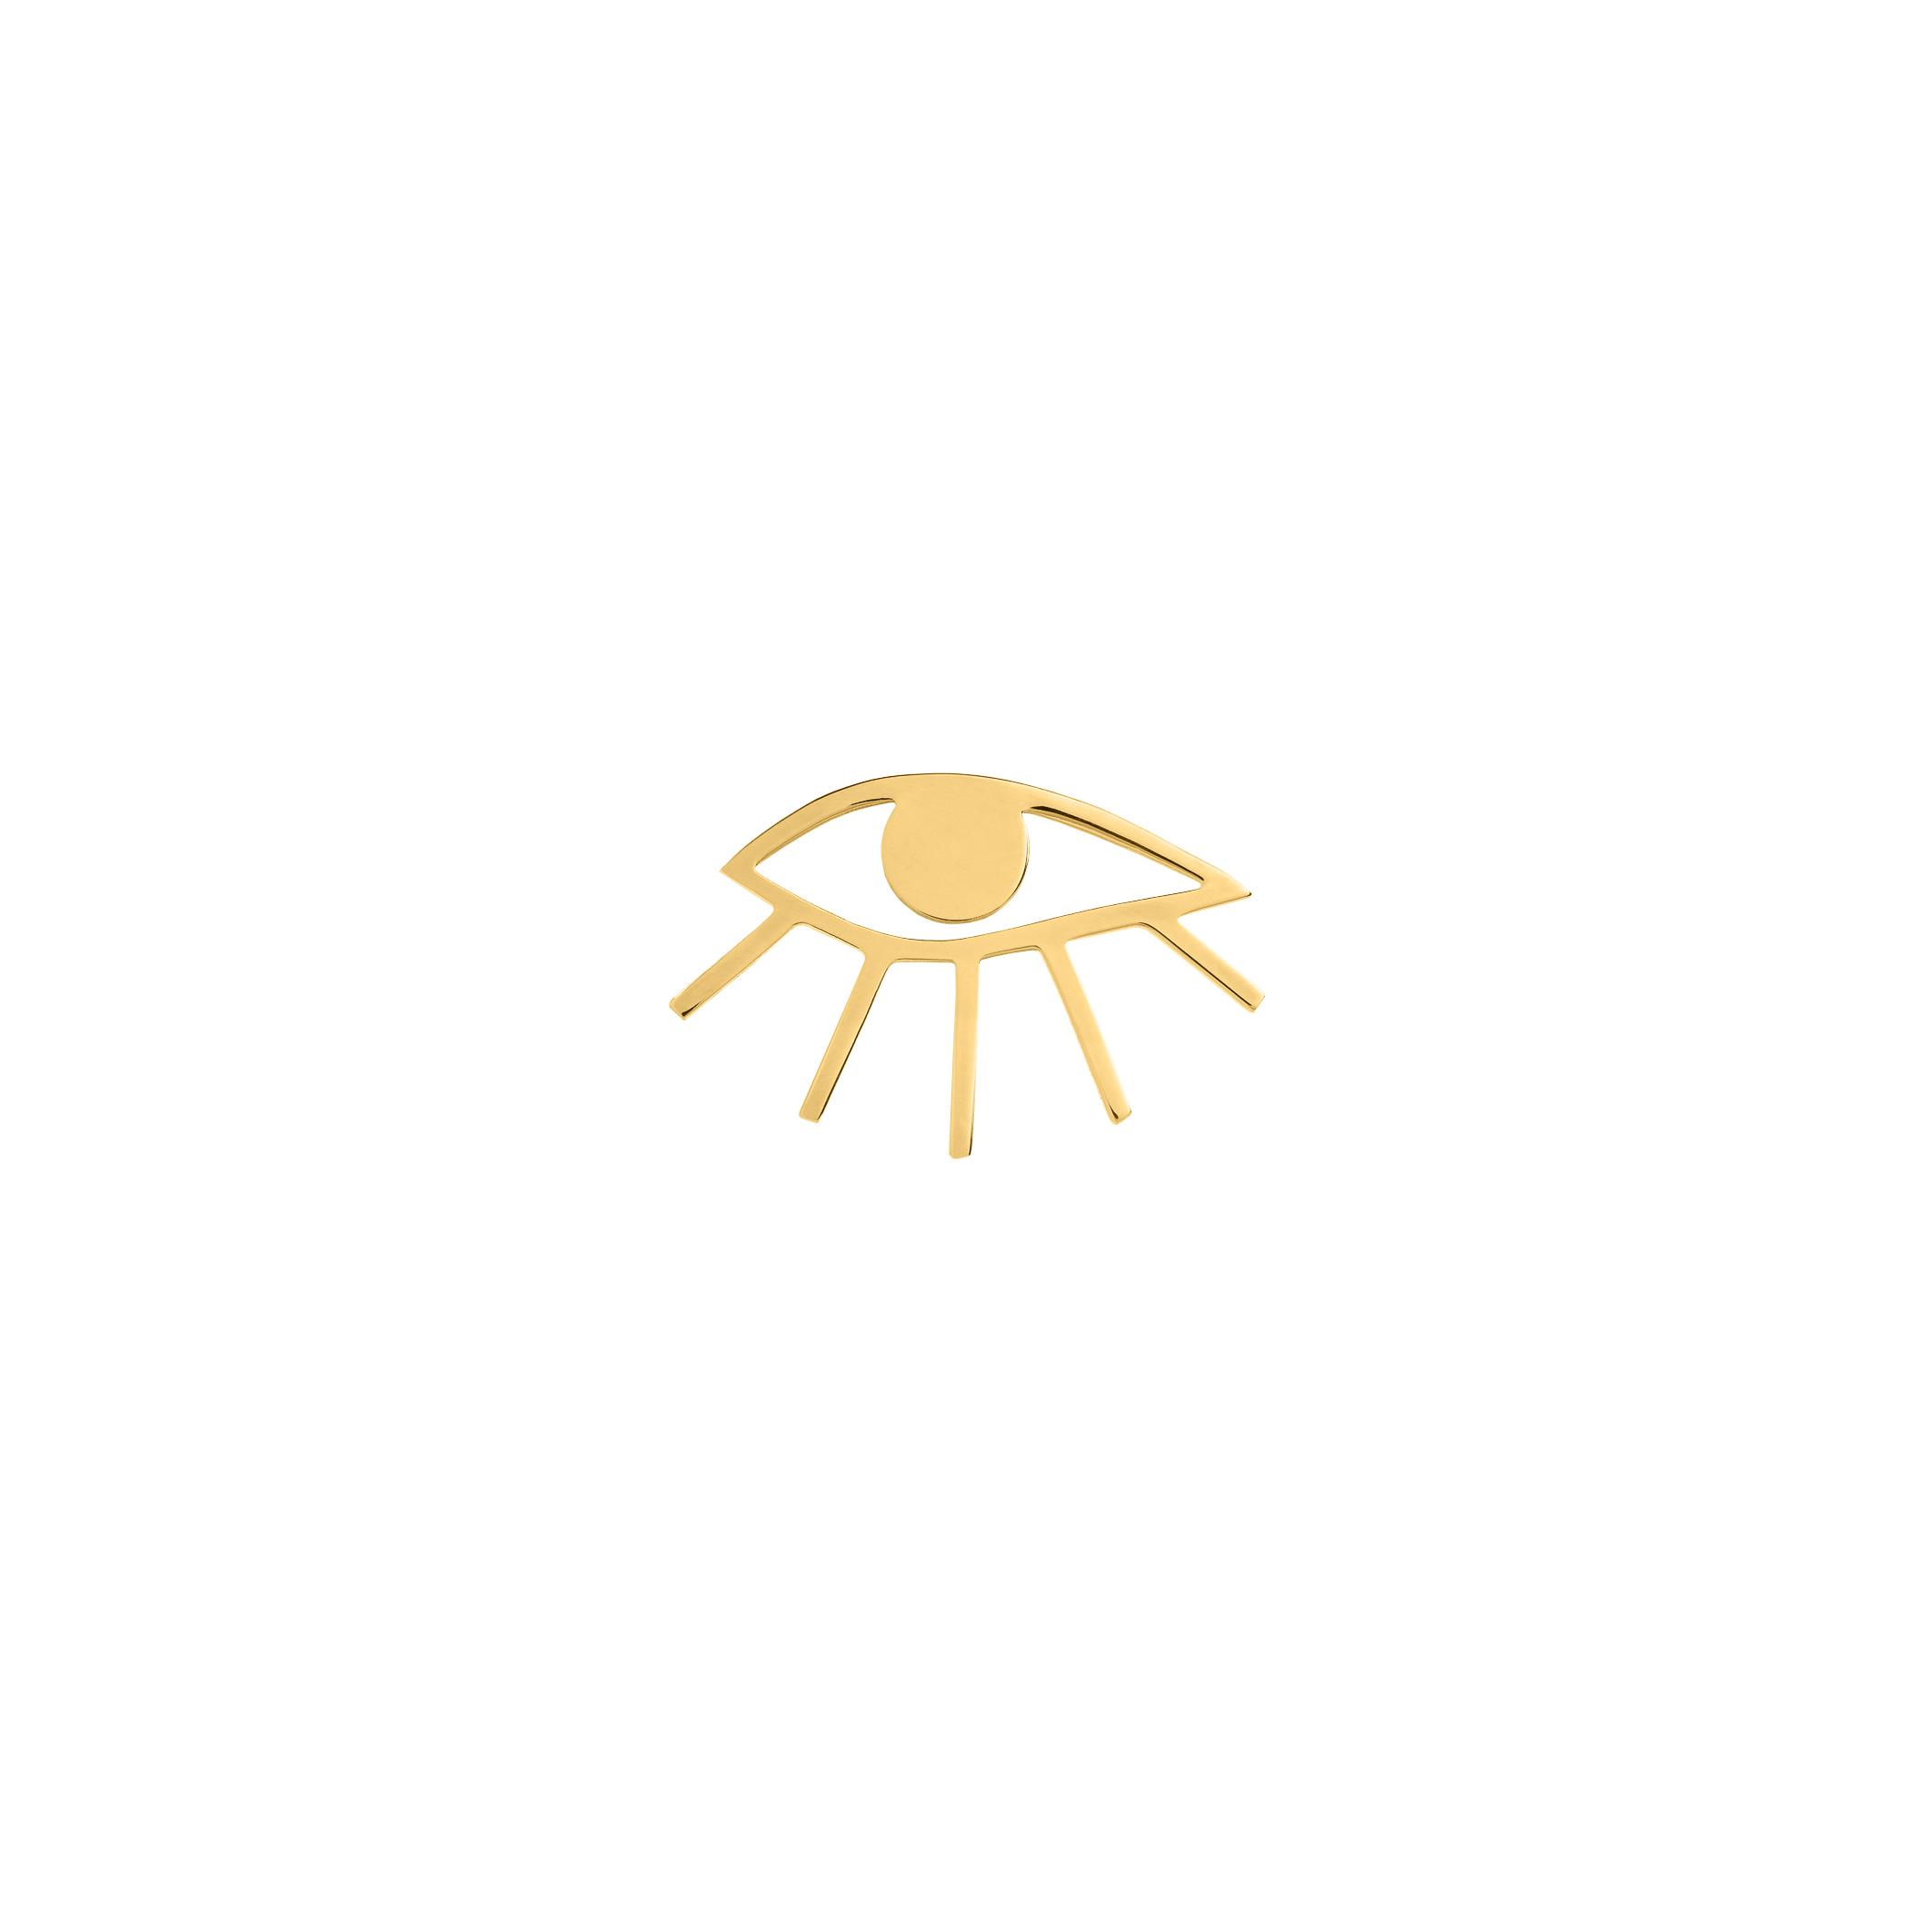 Eye Pin Gold